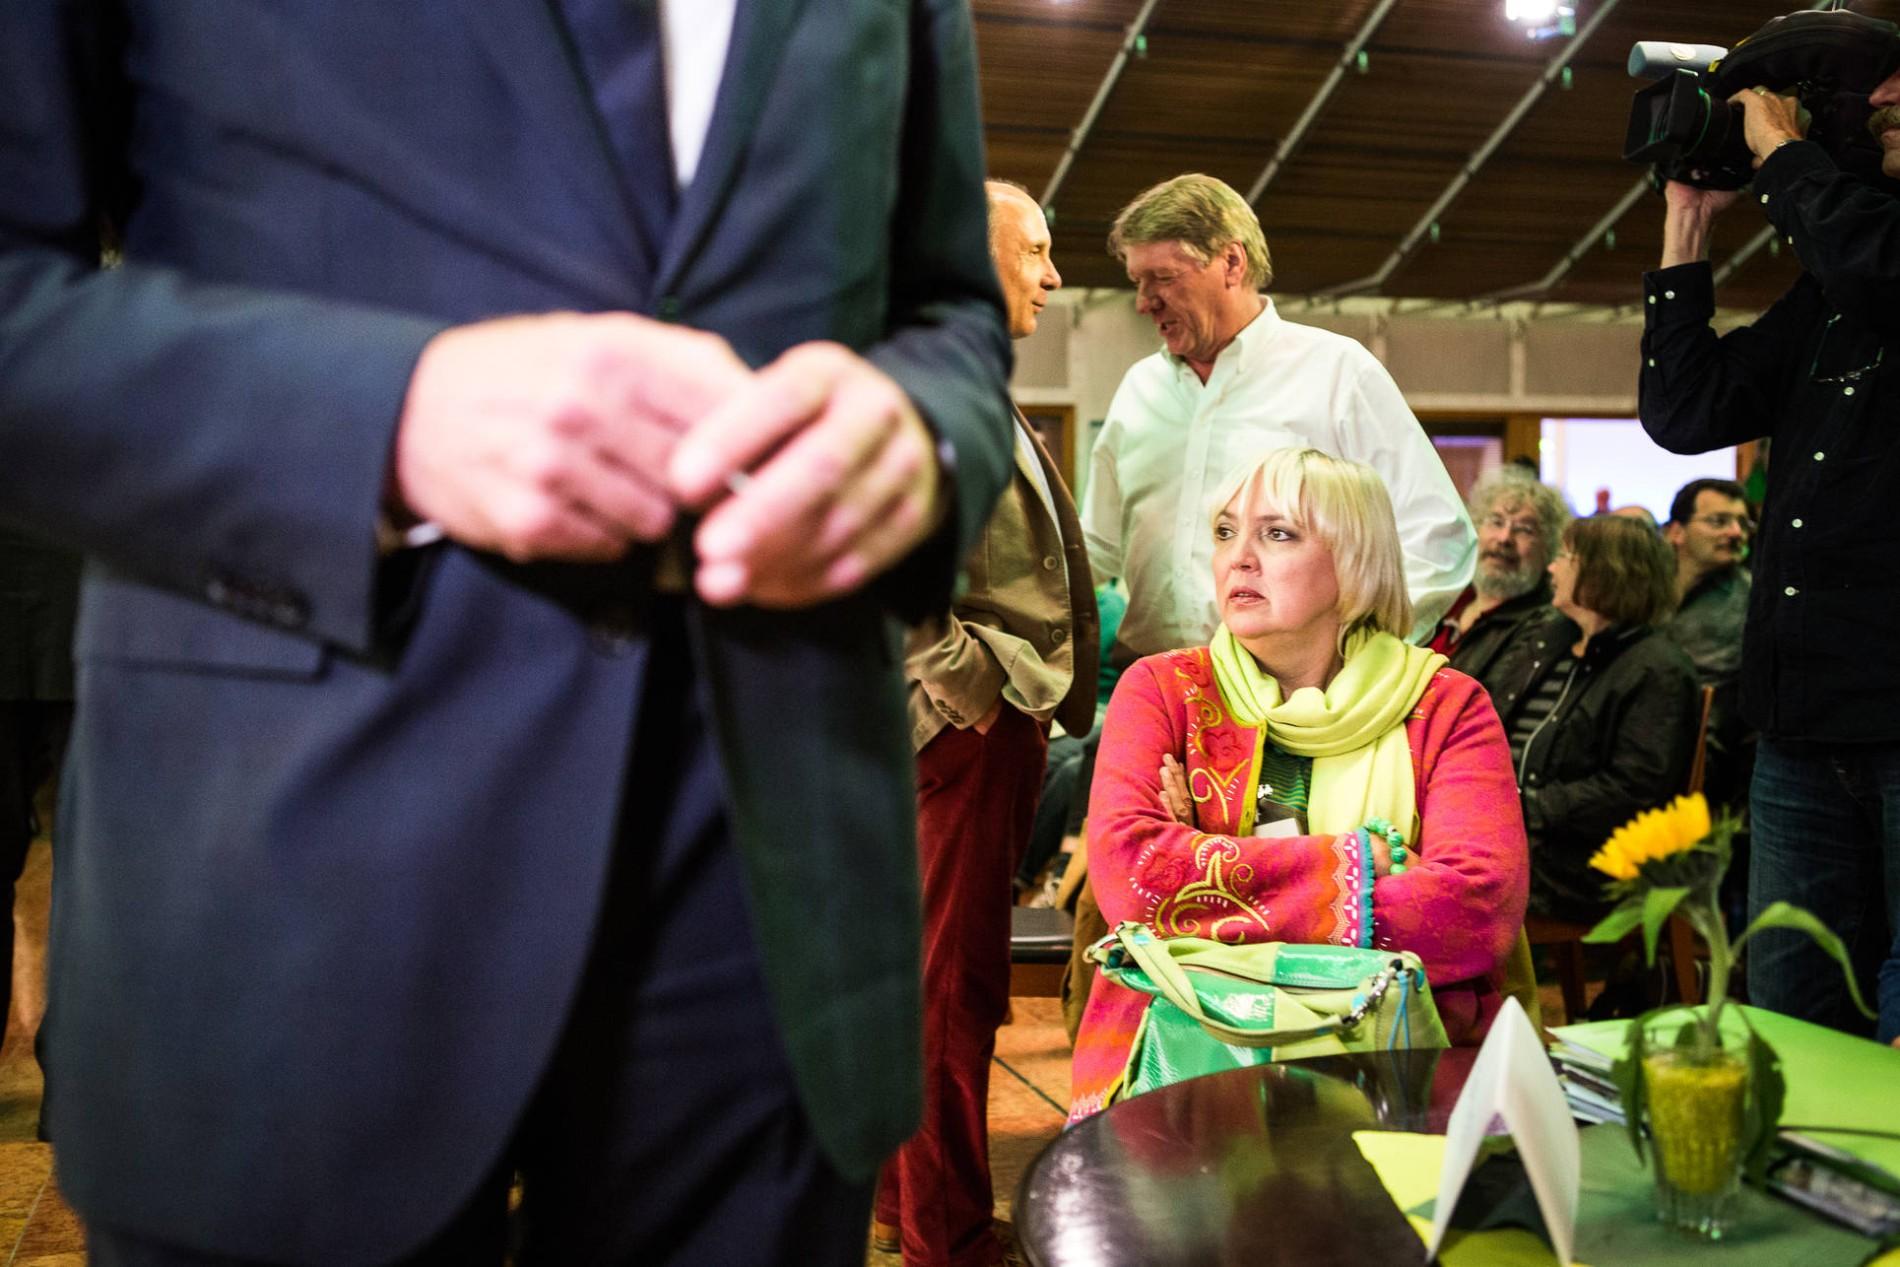 Claudia Roth Einsamkeit Ist Schon Ein Thema Menschen Faz